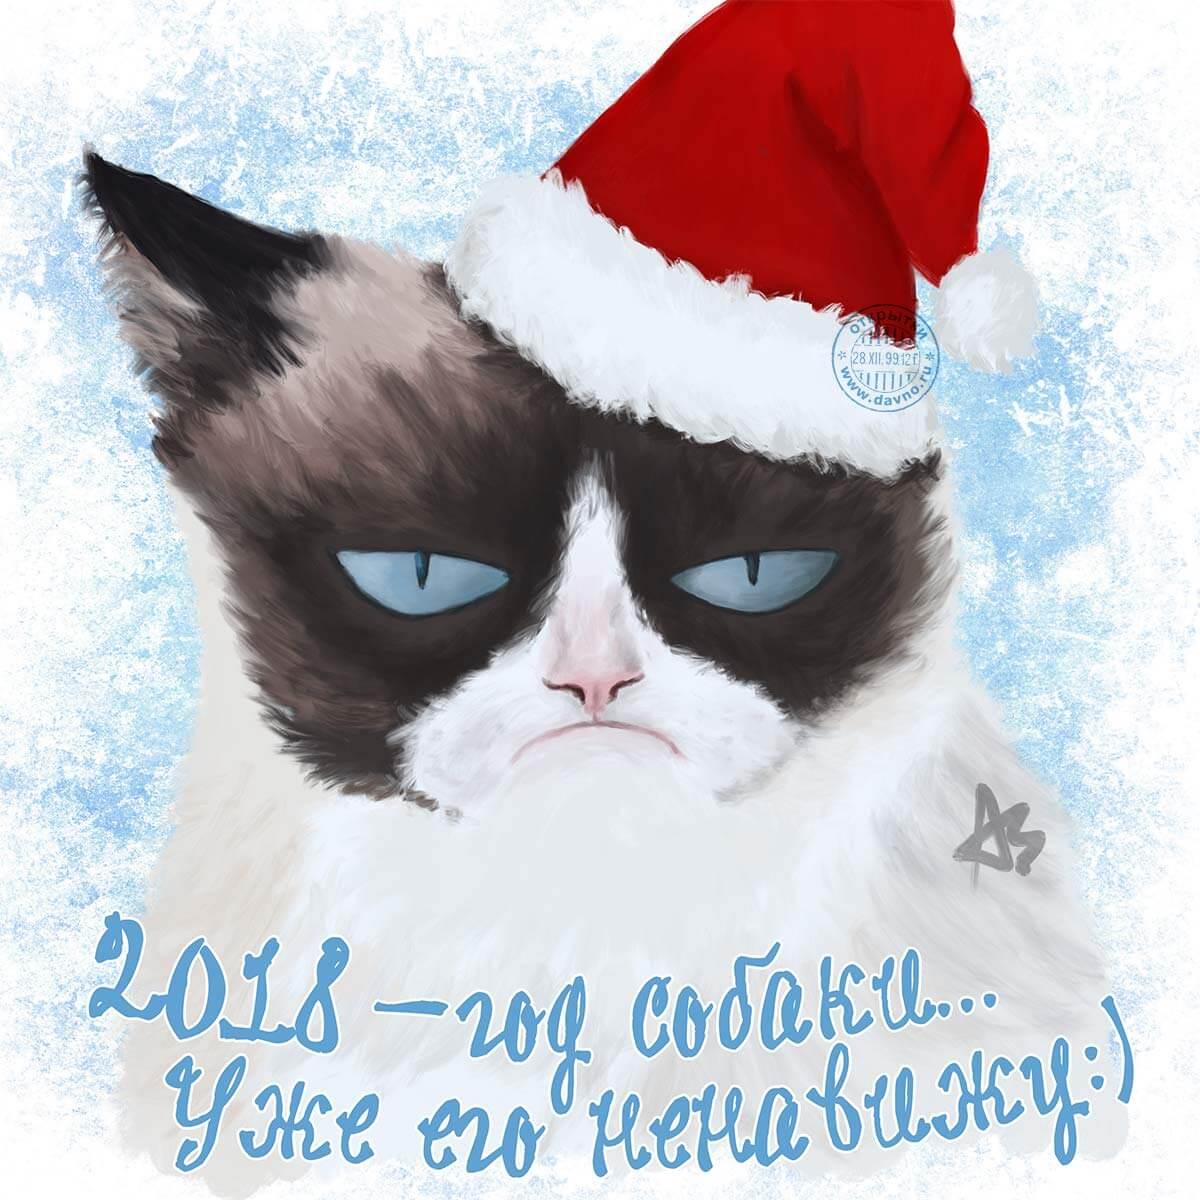 Прикольные и веселые картинки про Новый год - забавная подборка 12